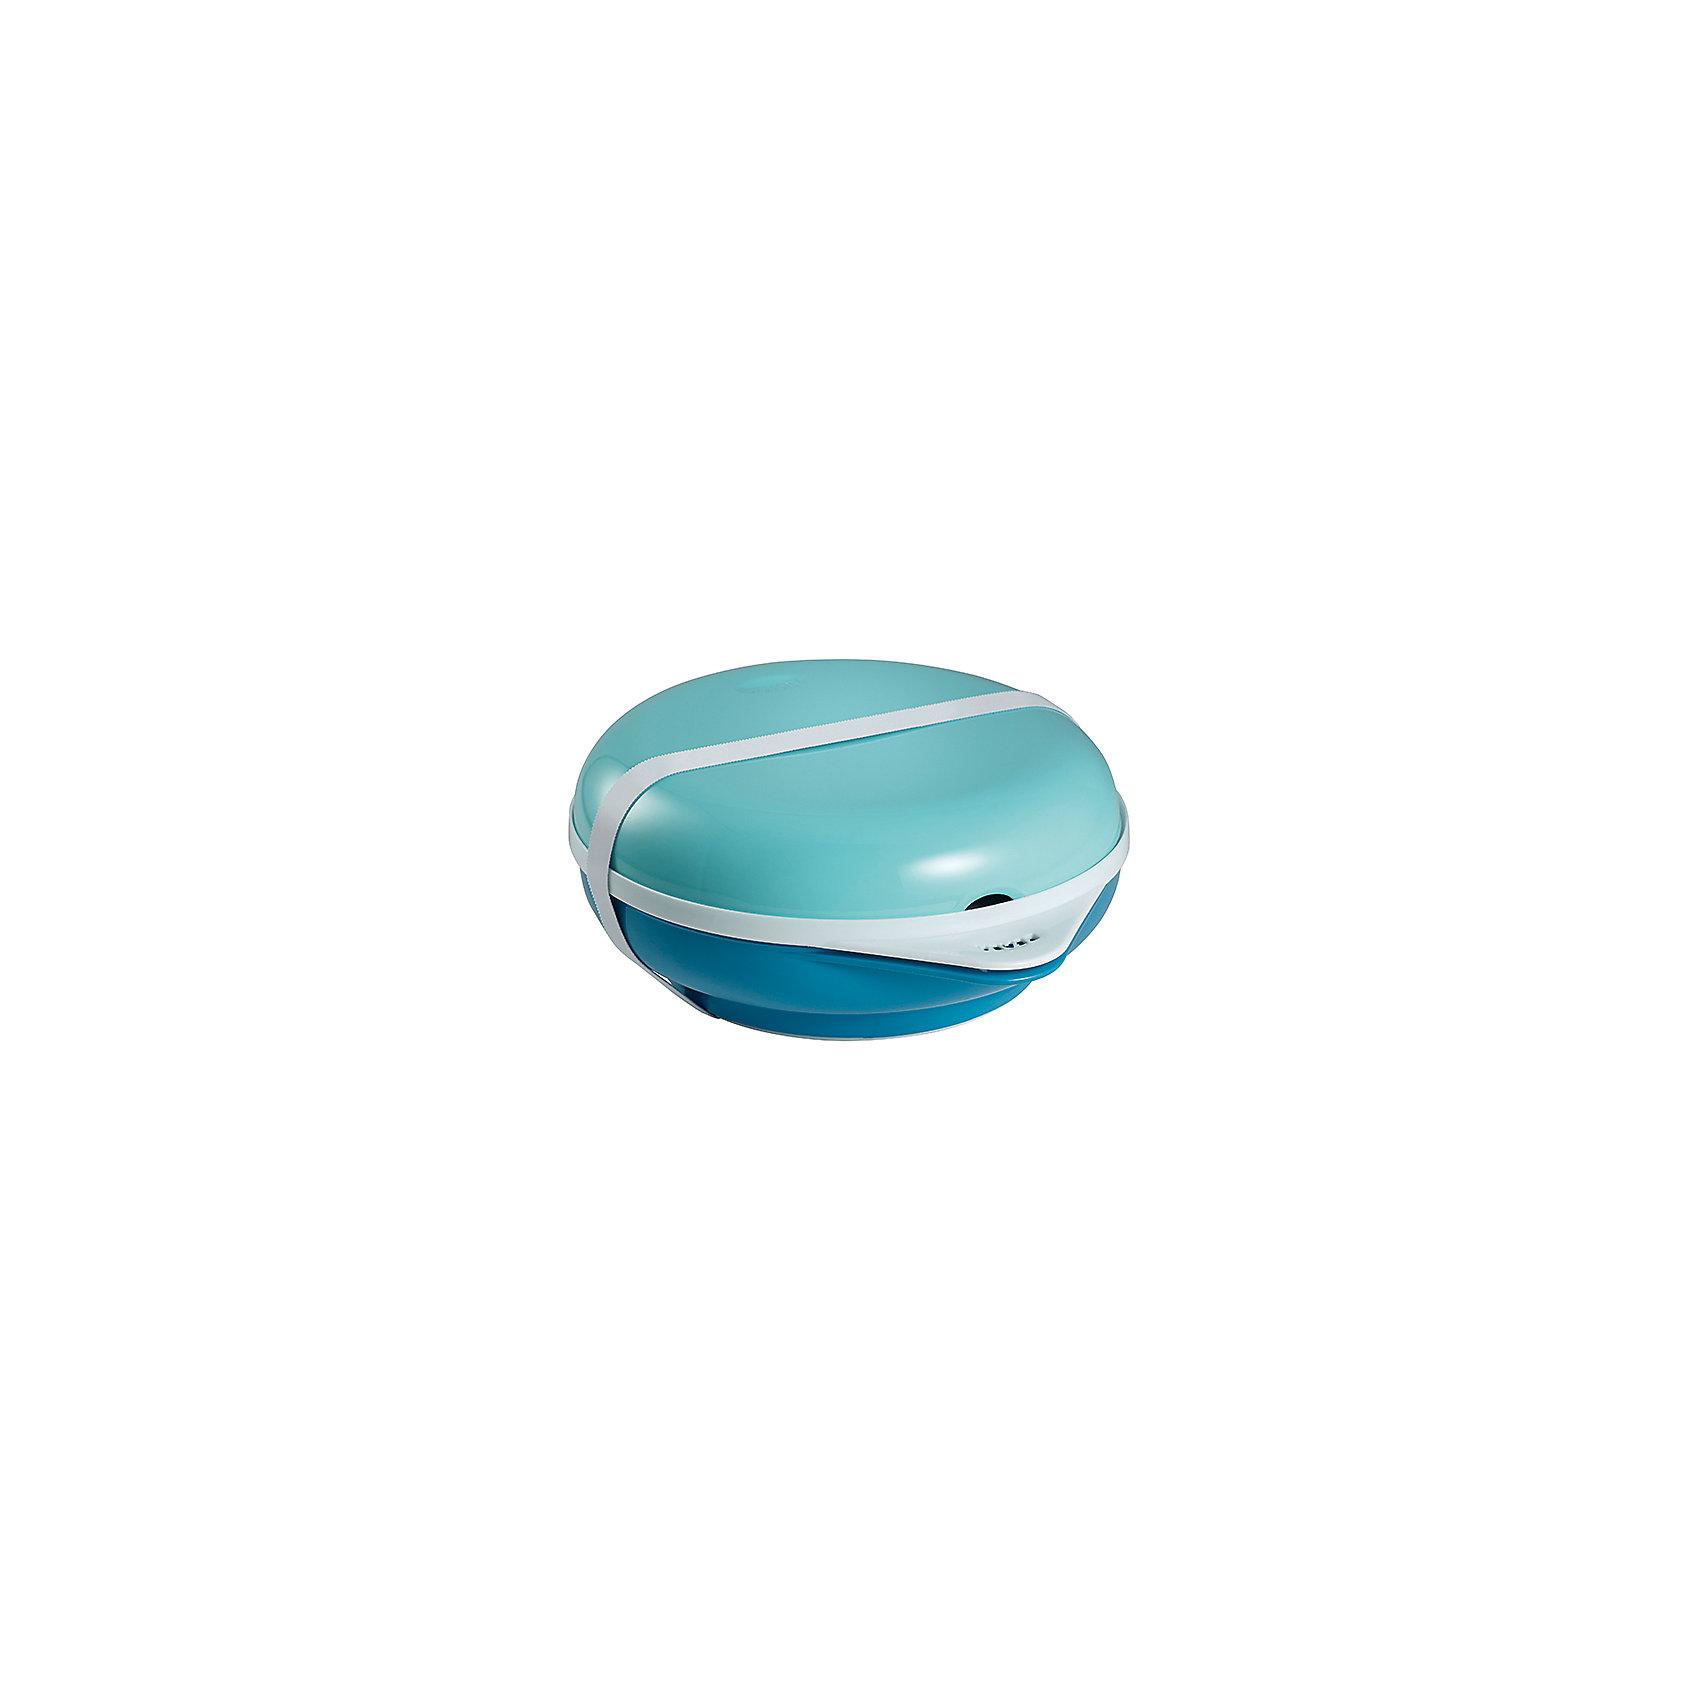 Набор посуды: тарелка+крышка, вилка+ложка  ELLIPSE, Beaba, синийДля обеспечения каждого малыша питанием с момента его рождения требуется специальная посуда. На помощь родителям придет разработанная профессионалами посуда. Этот набор для кормления позволит даже в дороге покормить малыша с удобством. В комплекте: ланч-бокс с отдельным подогревающим элементом, удобная тарелка с высокими краями и с противоскользящей резиновой подставкой, резинка для закрывания, крышка с креплениями, вилка, ложка.<br>Можно подогреть специальный вкладыш из донышка тарелки в микроволновке всего полминуты или две минуты на водяной бане - и можно легко поддерживать нужную температуру еды. Герметичная крышка защищает от разбрызгивания при подогреве в микроволновой печи и имеет крепления для приборов. Можно мыть вручную и в посудомоечной машине. Сделана посуда из высококачественных и безопасных для малышей материалов.<br><br>Дополнительная информация:<br><br>цвет: синий;<br>материал: пластик;<br>комплектация: ланч-бокс с подогревающим элементом, тарелка, резинка для закрывания, крышка с креплениями, вилка, ложка.<br><br>Набор посуды: тарелка+крышка, вилка+ложка ELLIPSE, синий, от компании Beaba можно купить в нашем магазине.<br><br>Ширина мм: 190<br>Глубина мм: 80<br>Высота мм: 220<br>Вес г: 600<br>Возраст от месяцев: 6<br>Возраст до месяцев: 36<br>Пол: Унисекс<br>Возраст: Детский<br>SKU: 4732005